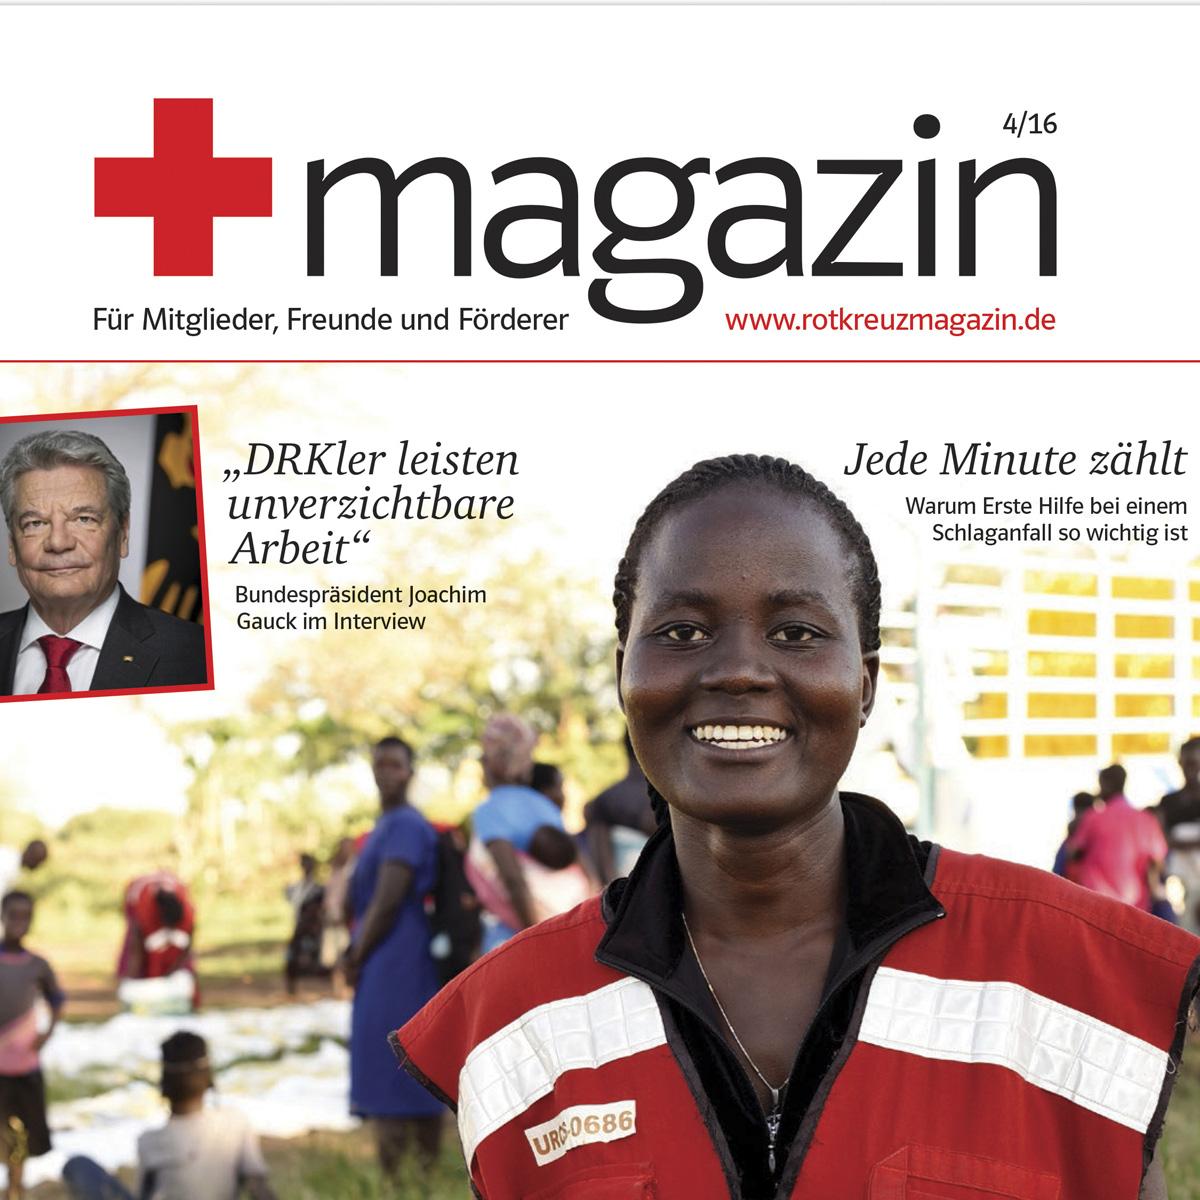 rotkreuzmagazin für Mitglieder, Freunde und Förderer Ausgabe 4/16